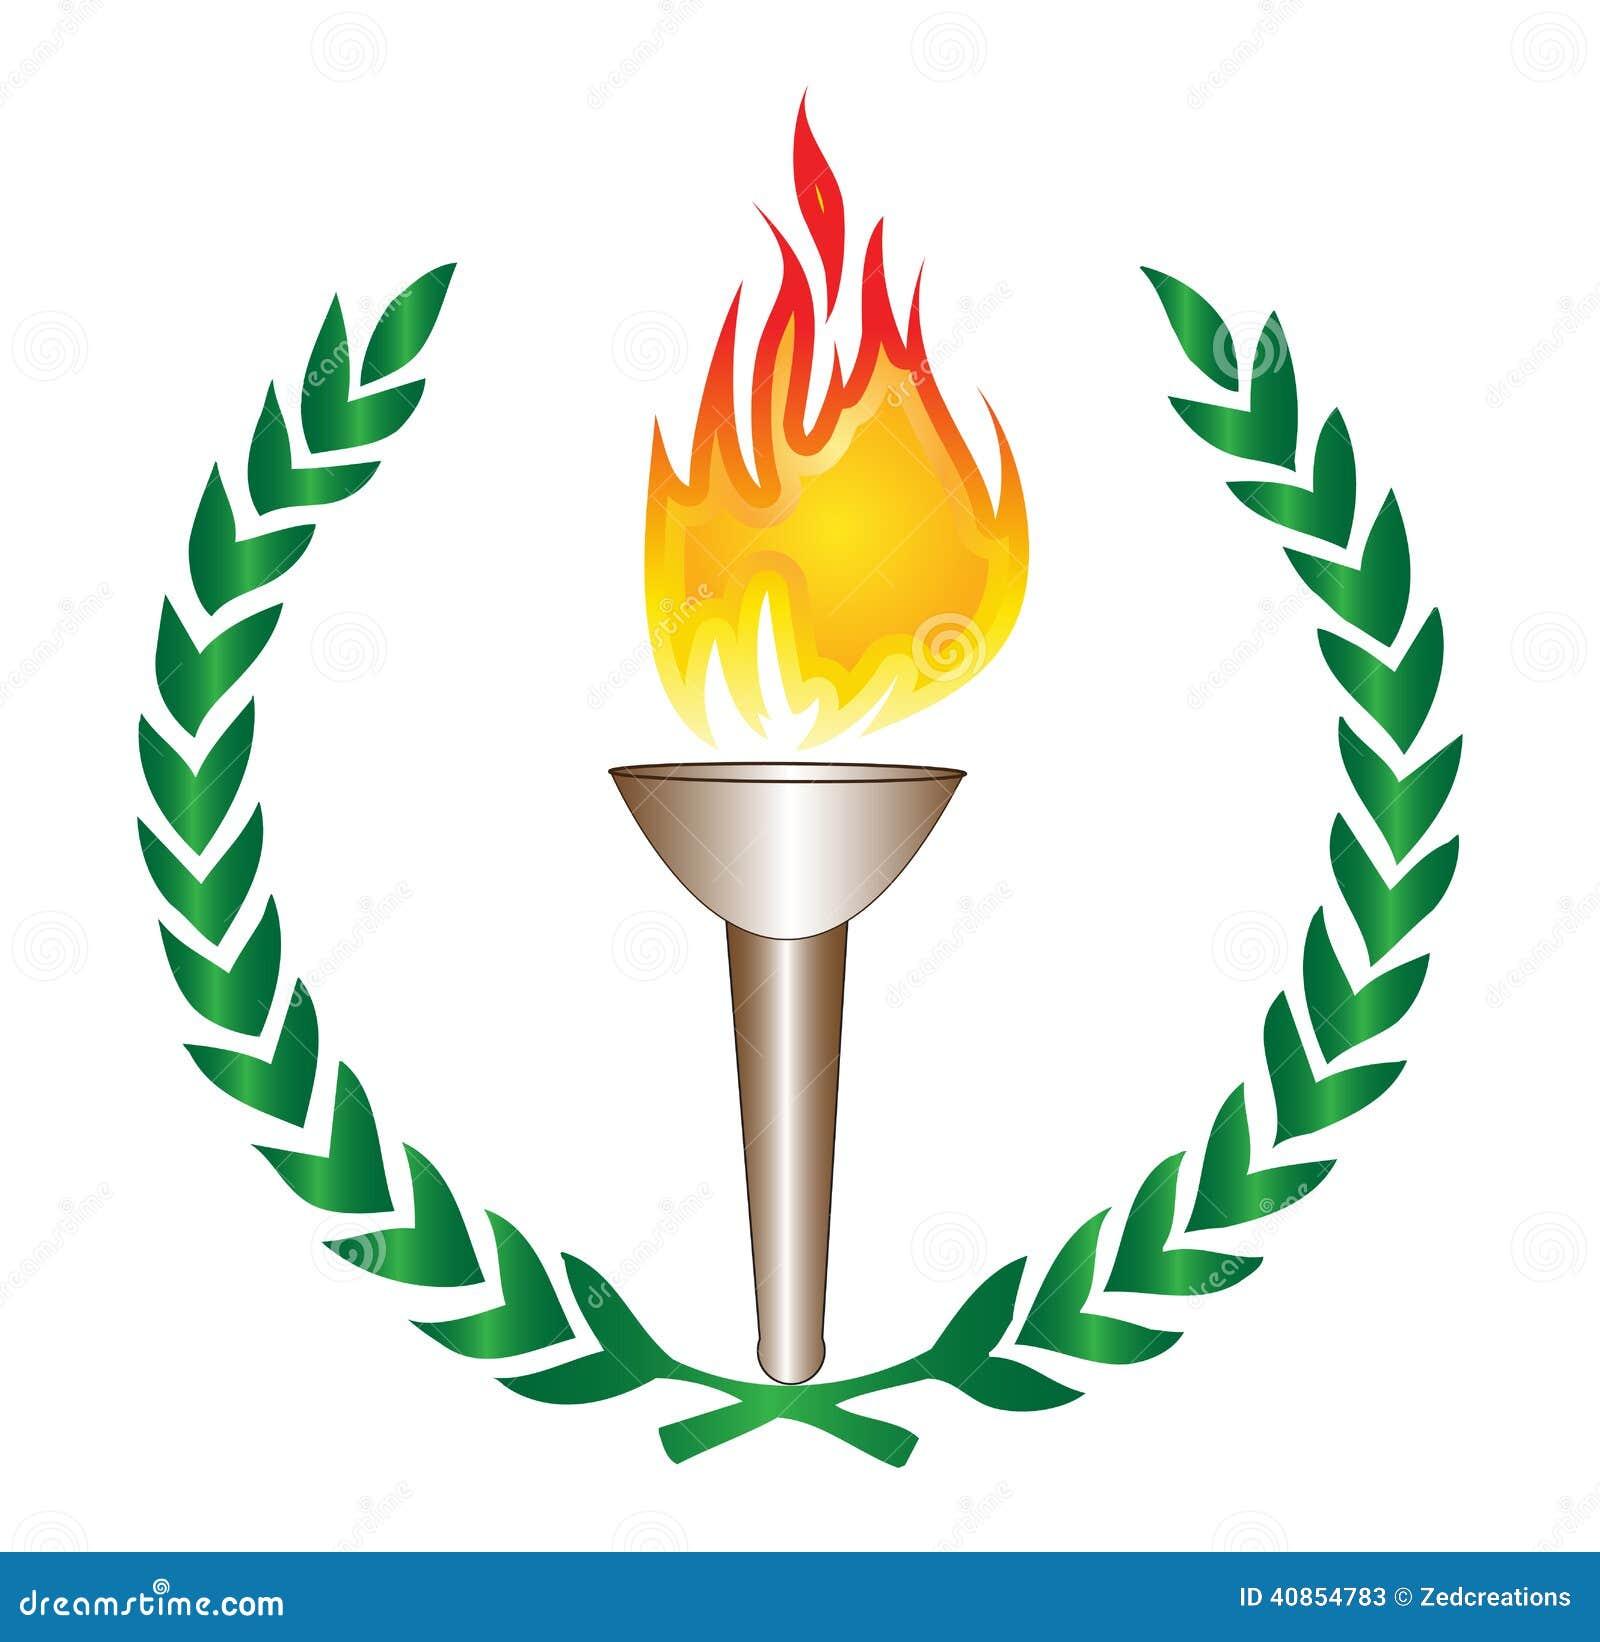 Torche olympique illustration de vecteur illustration du - Flamme olympique dessin ...